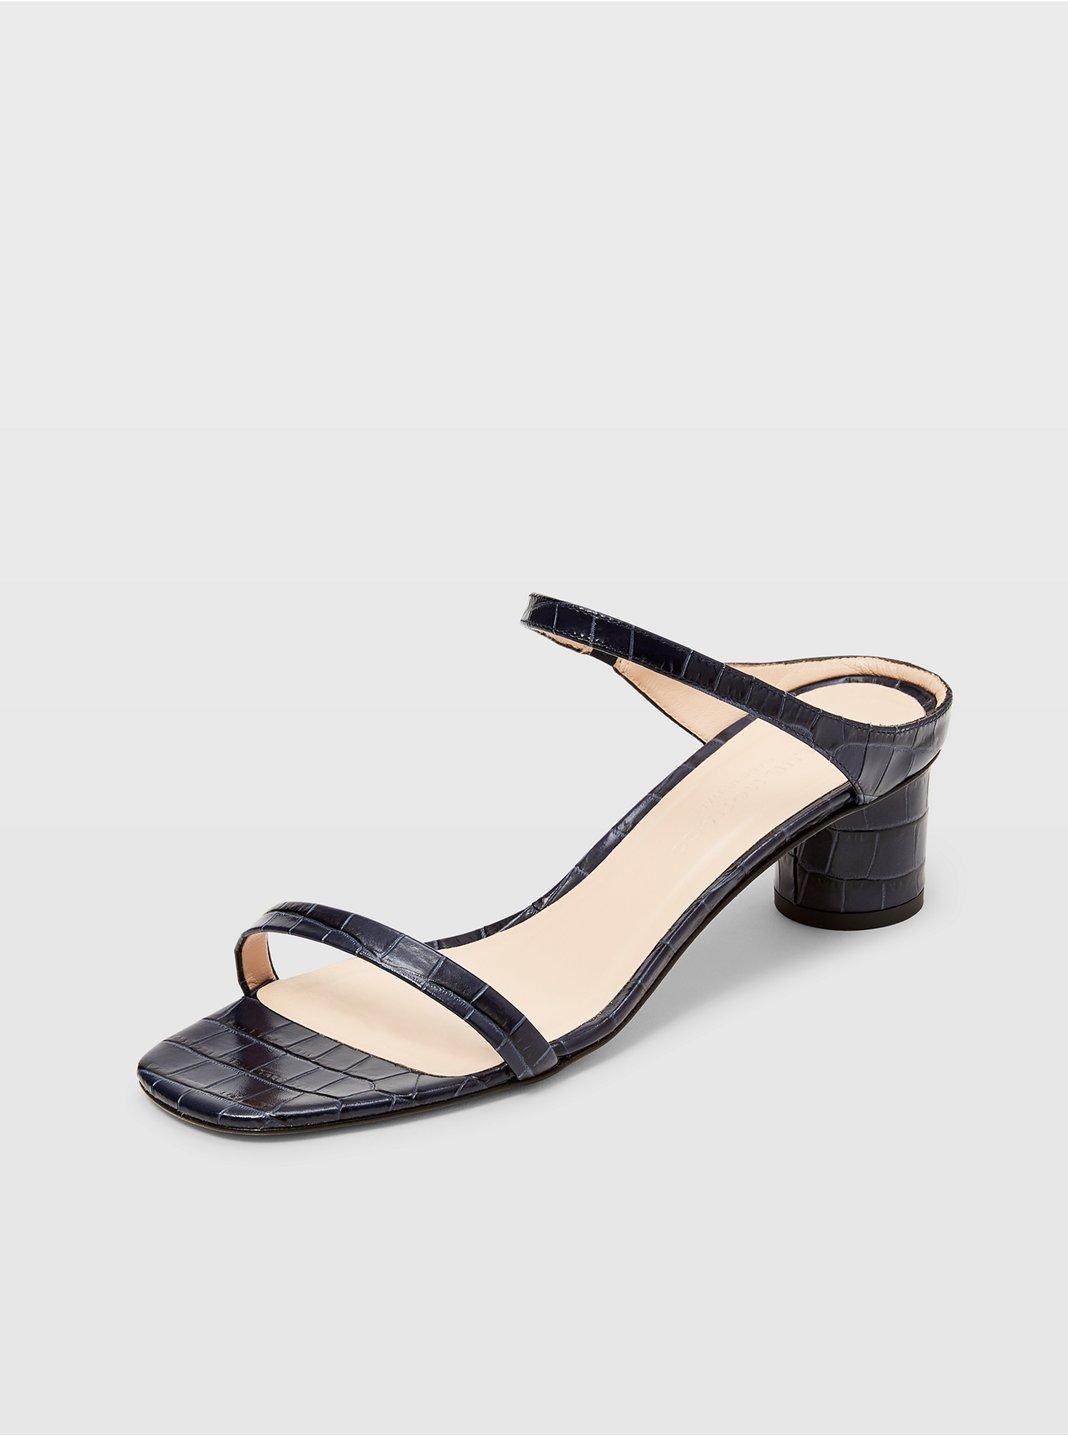 Marnee Leather Sandal